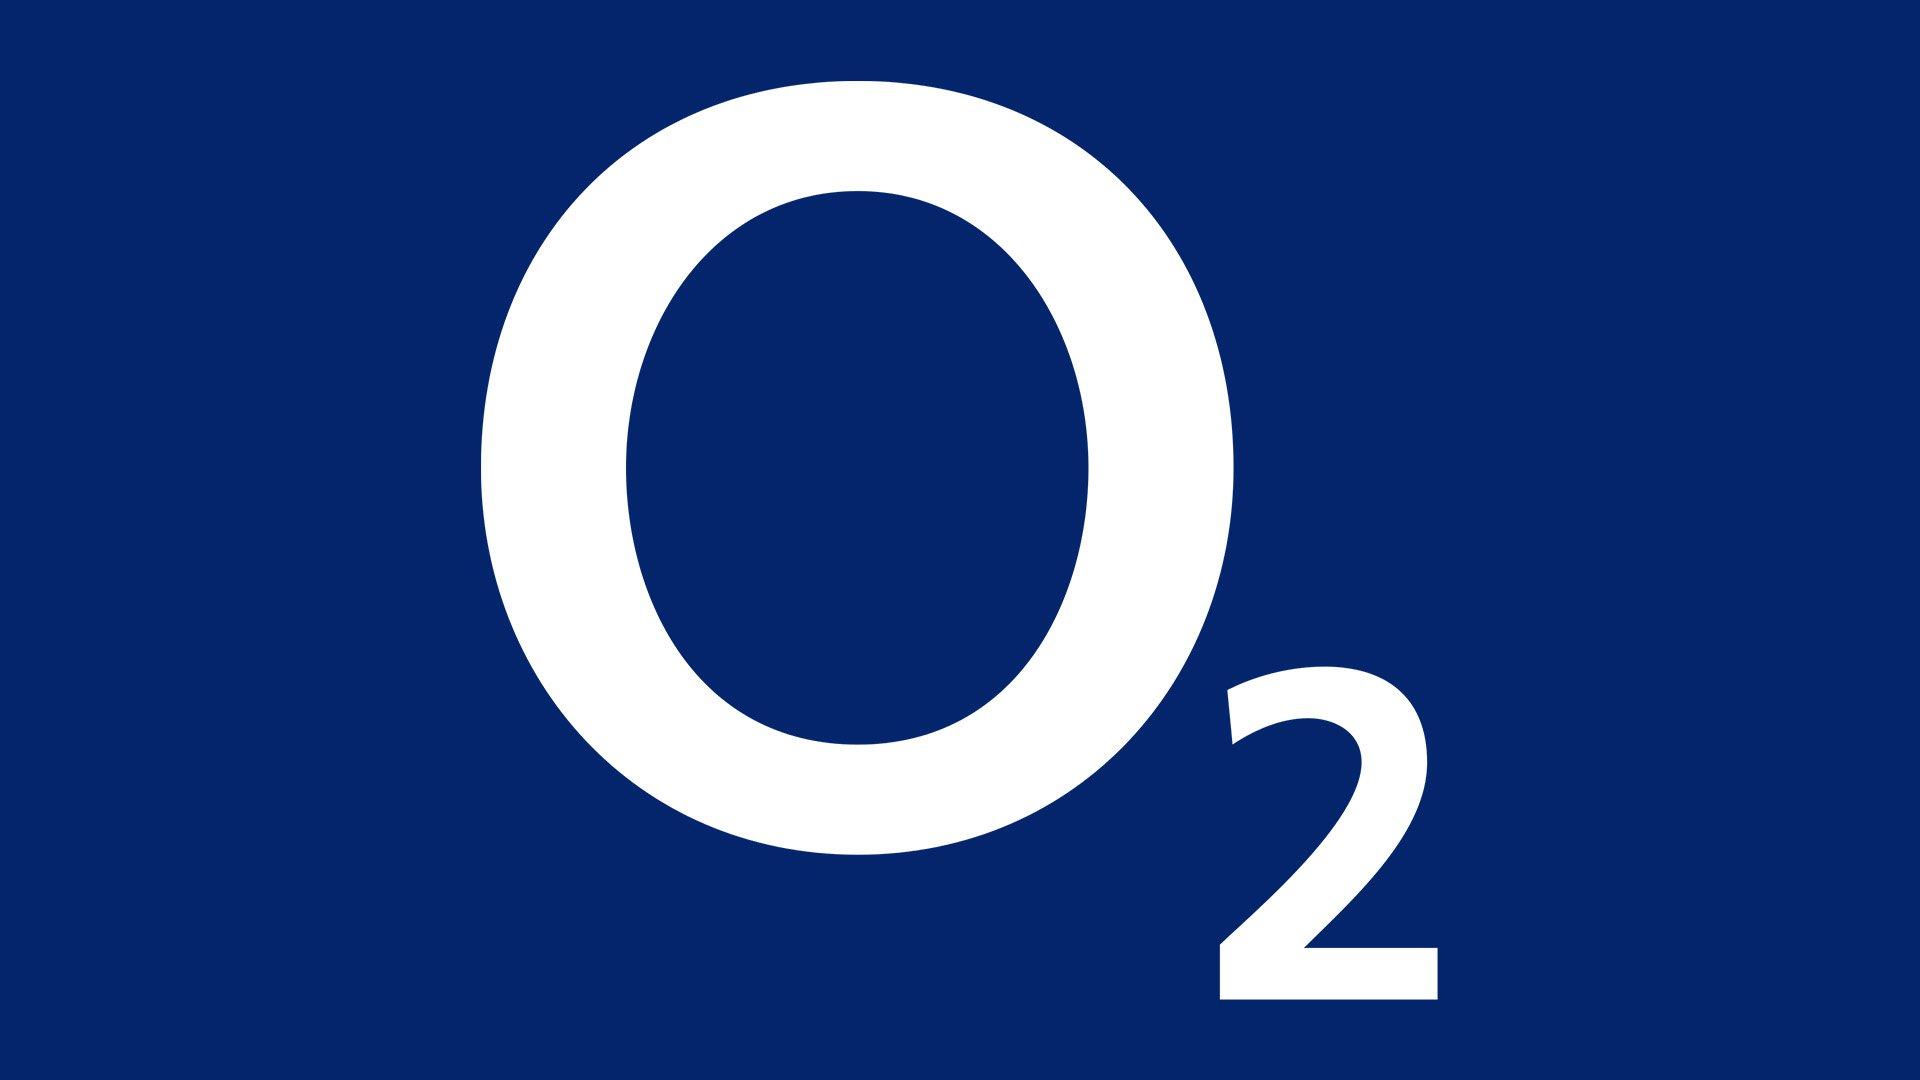 O2 plastics